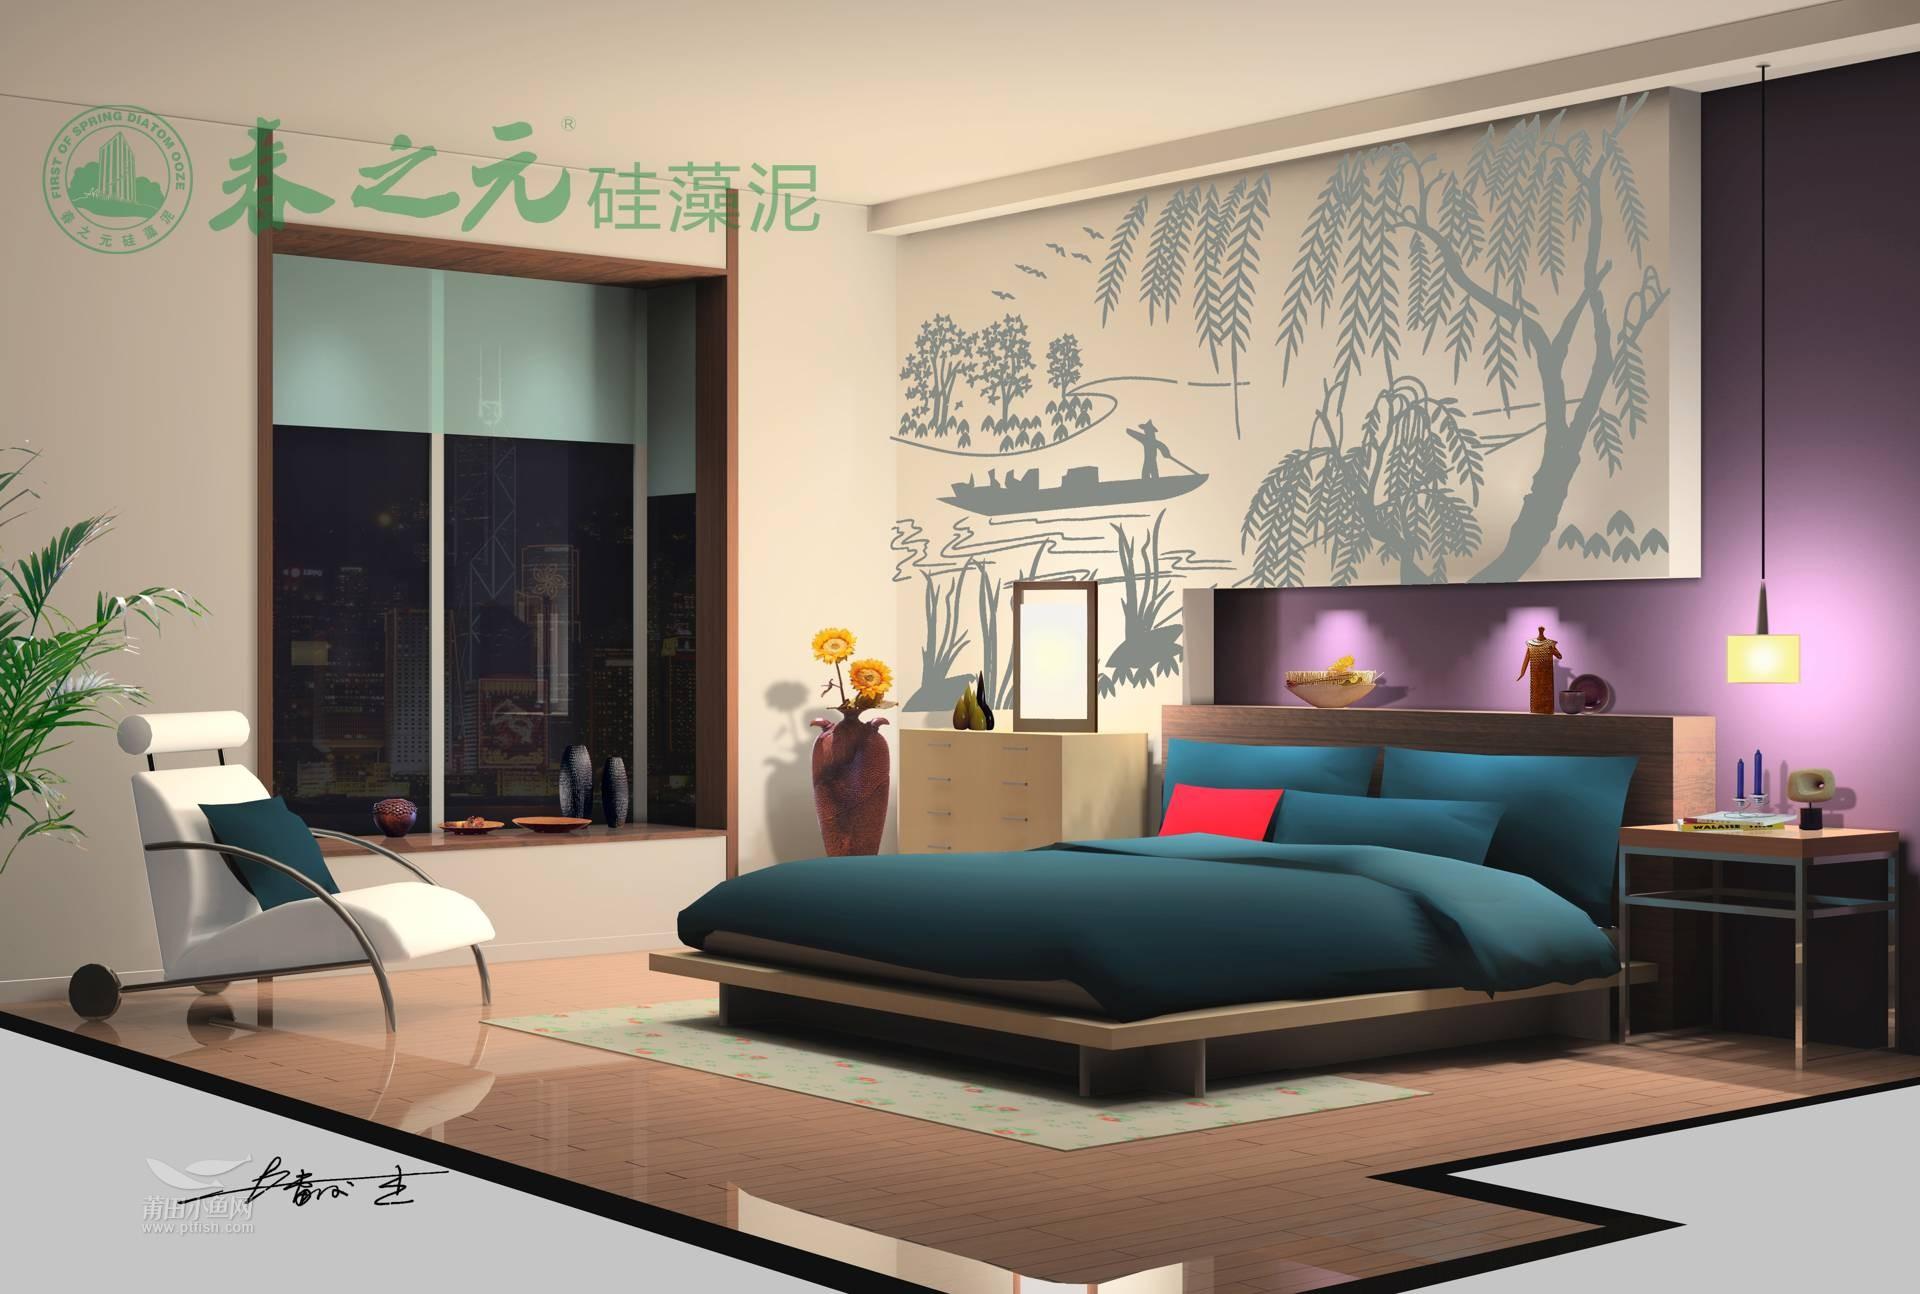 家里装修硅藻泥的效果图